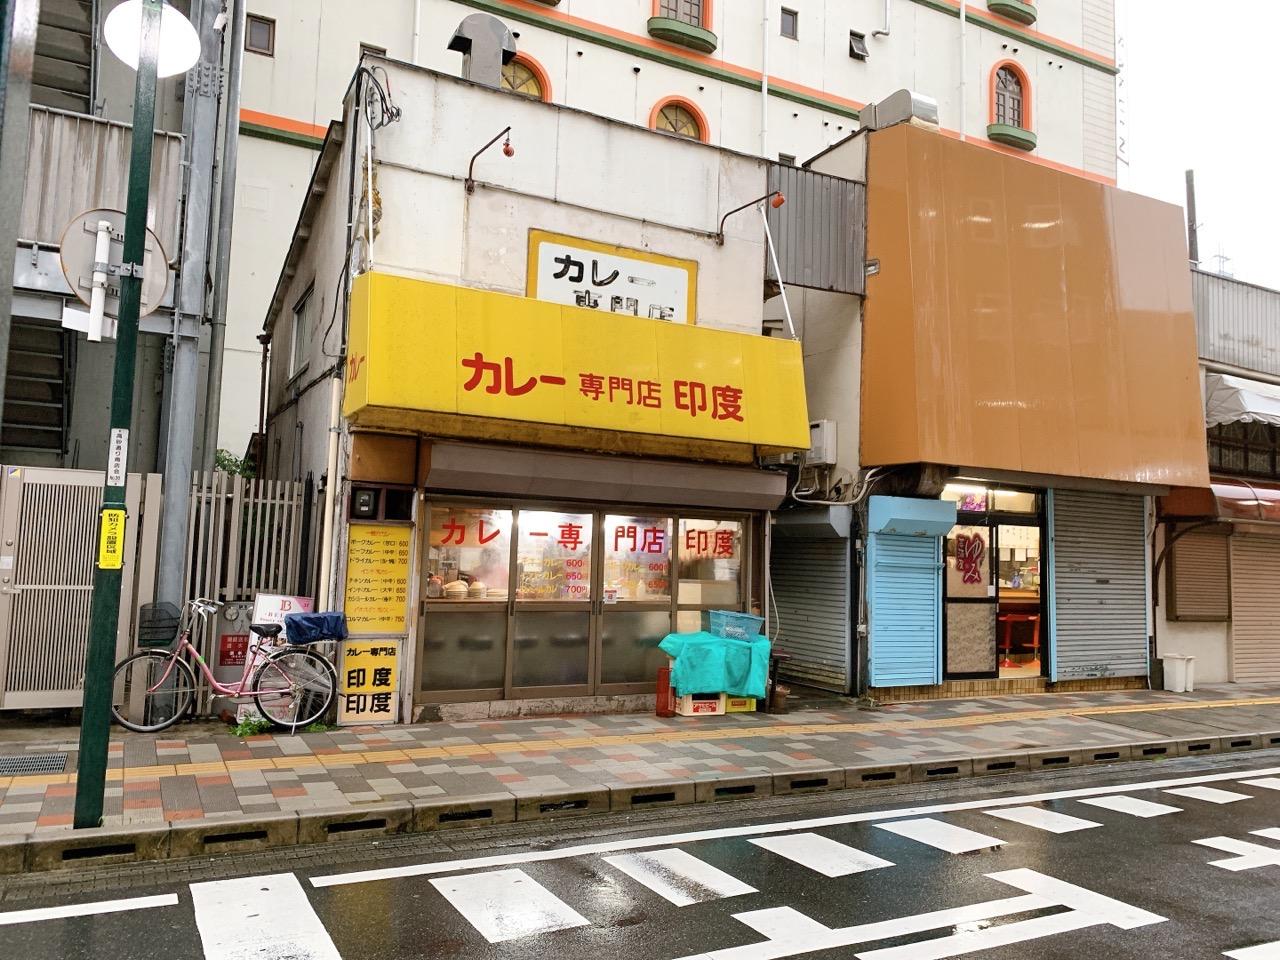 【松戸】カレー専門店 印度の雰囲気について